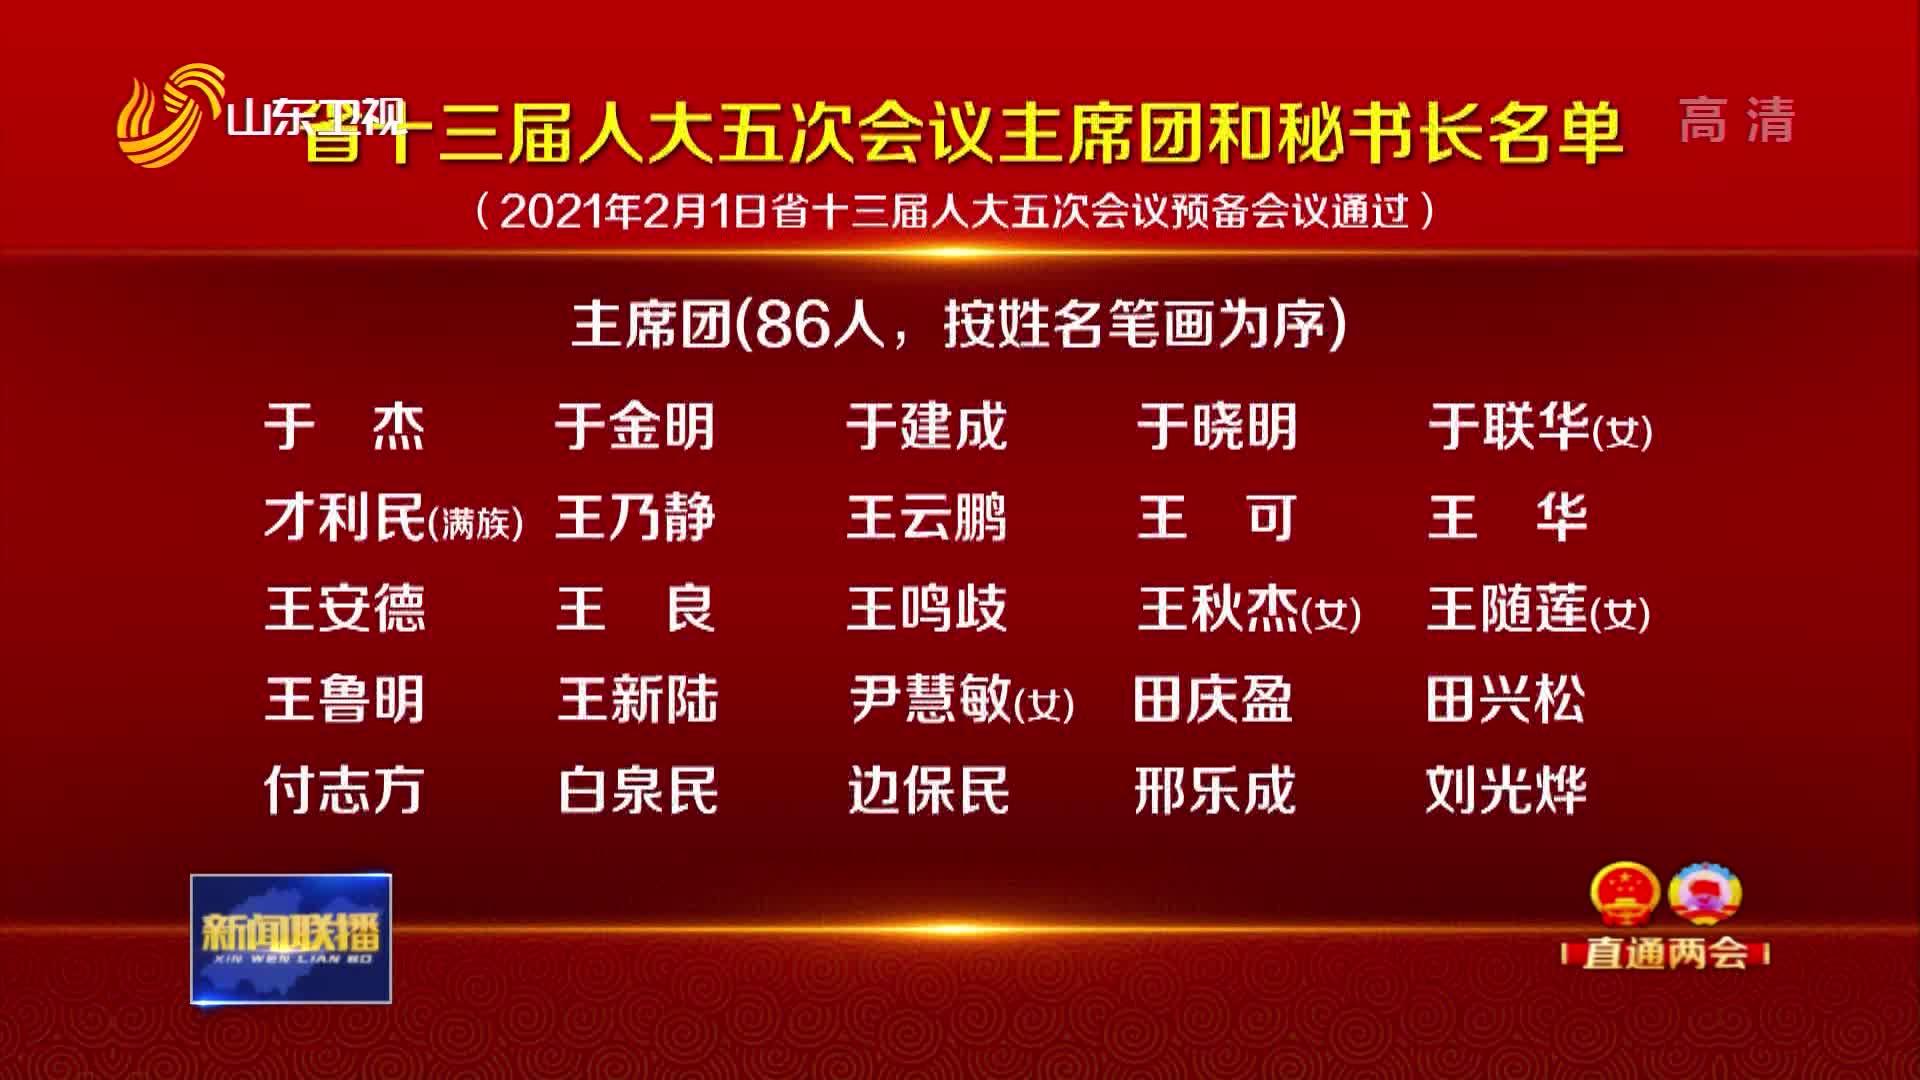 【直通两会】省十三届人大五次会议主席团和秘书长名单